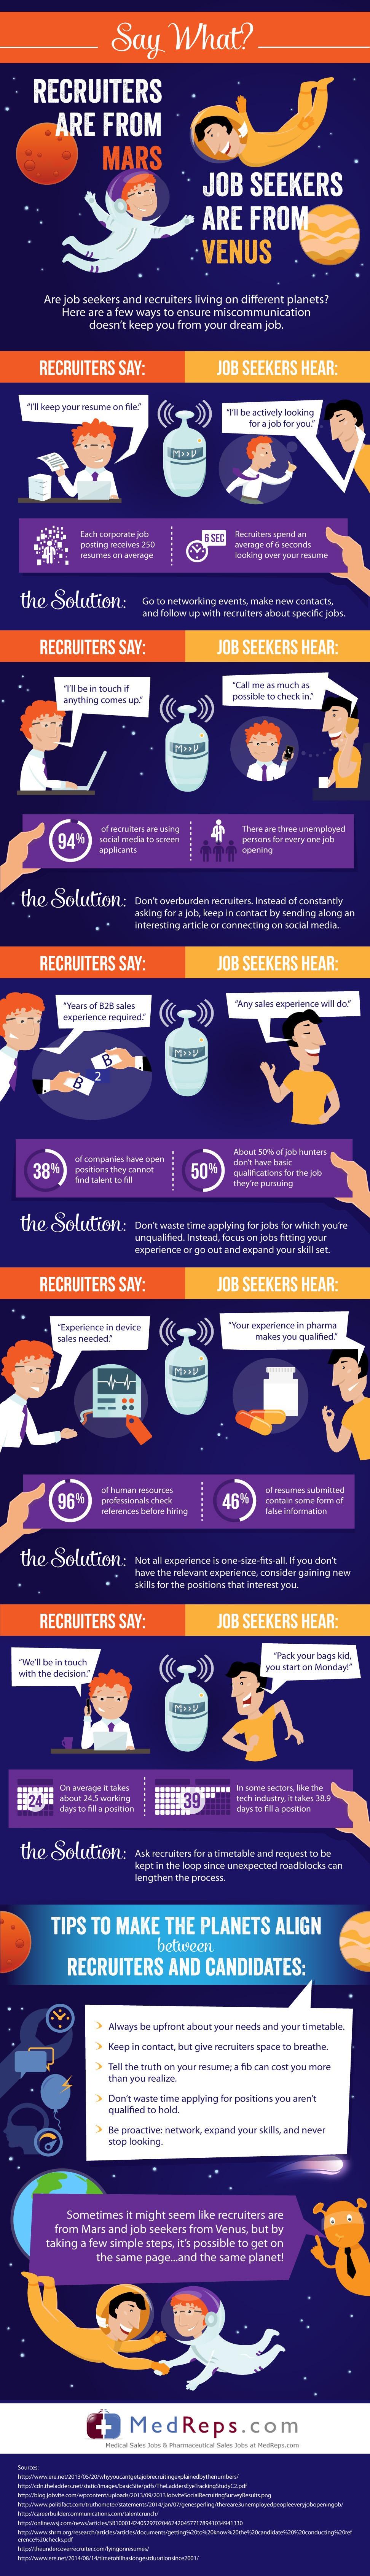 RecruitersJobSeekersInfographic